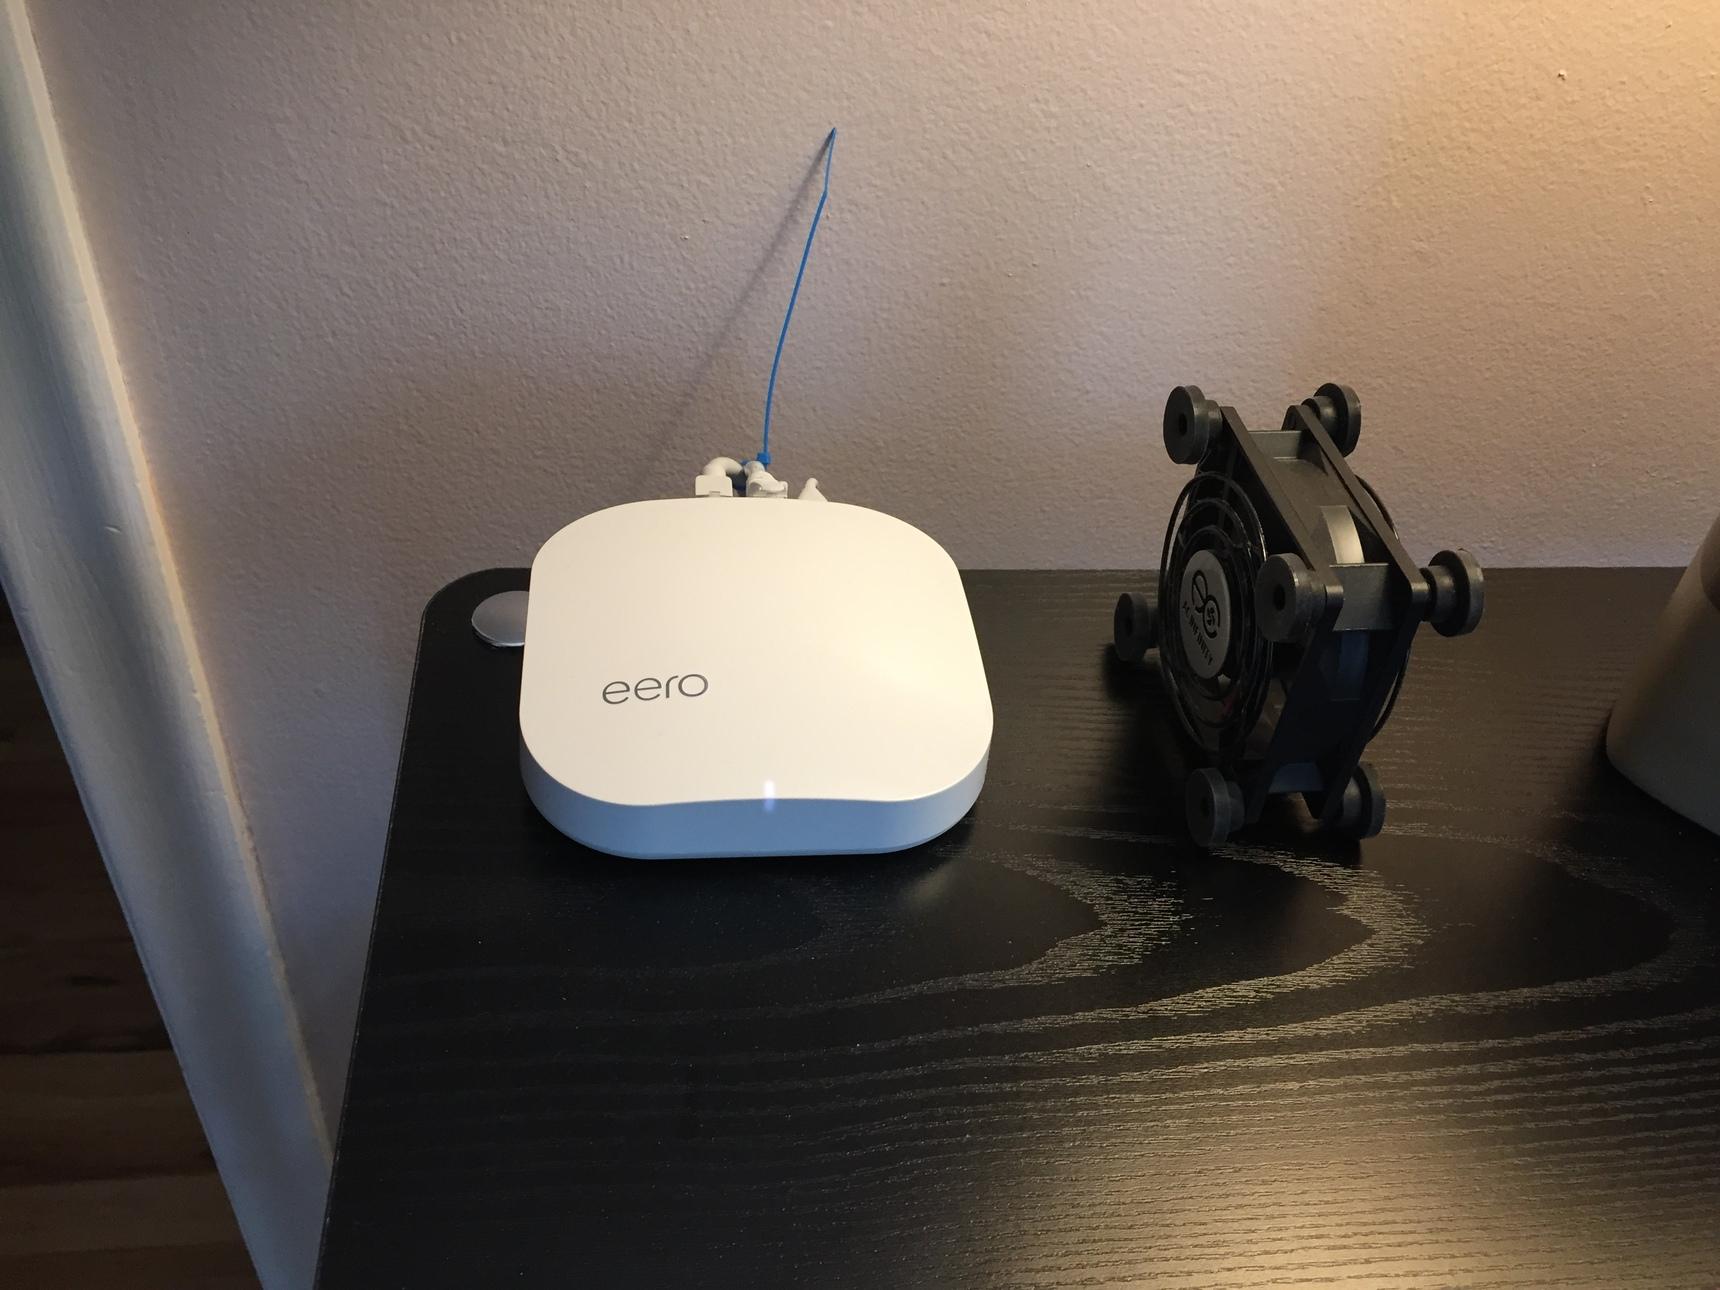 Eero unit over heating - Discussion Topics - eero Community